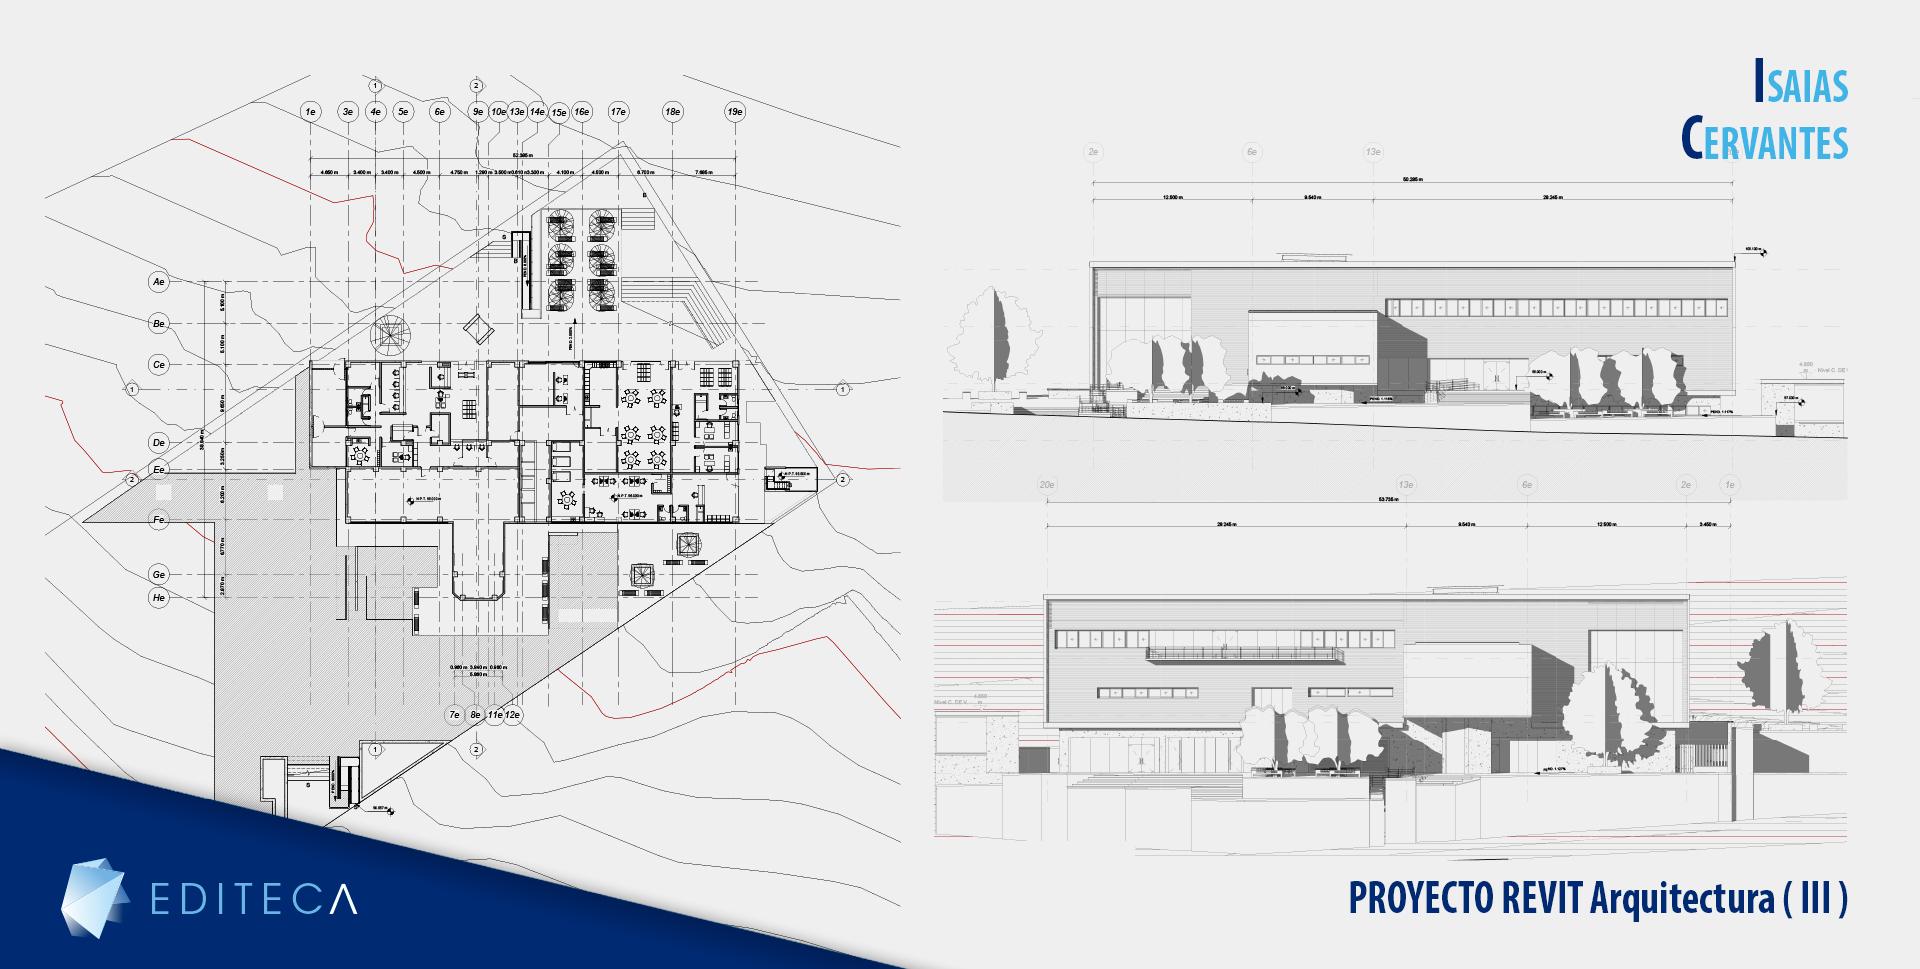 proyecto revit arquitectura 3 avanzado- isaias